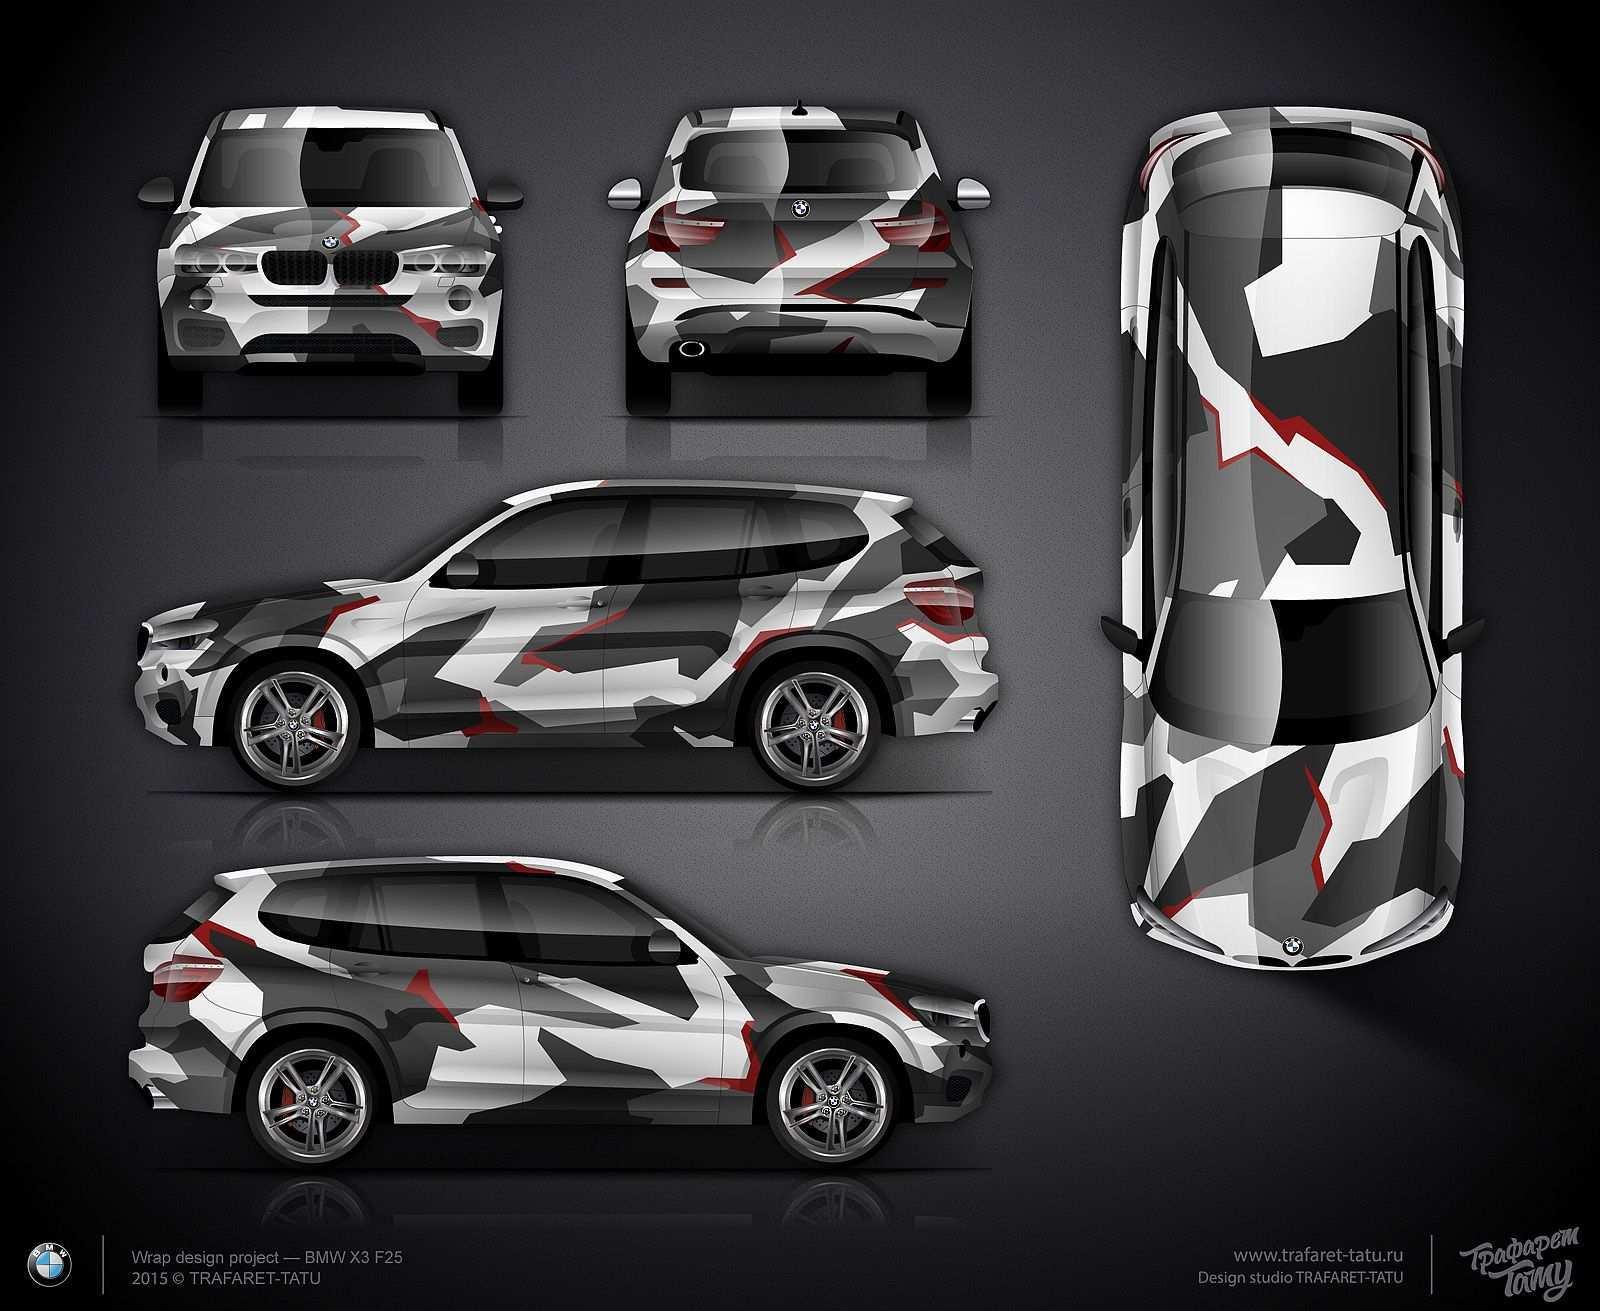 Geometric Camo Wrap Design For Bmw X3 F25 Camo Car Car Wrap Design Car Wrap